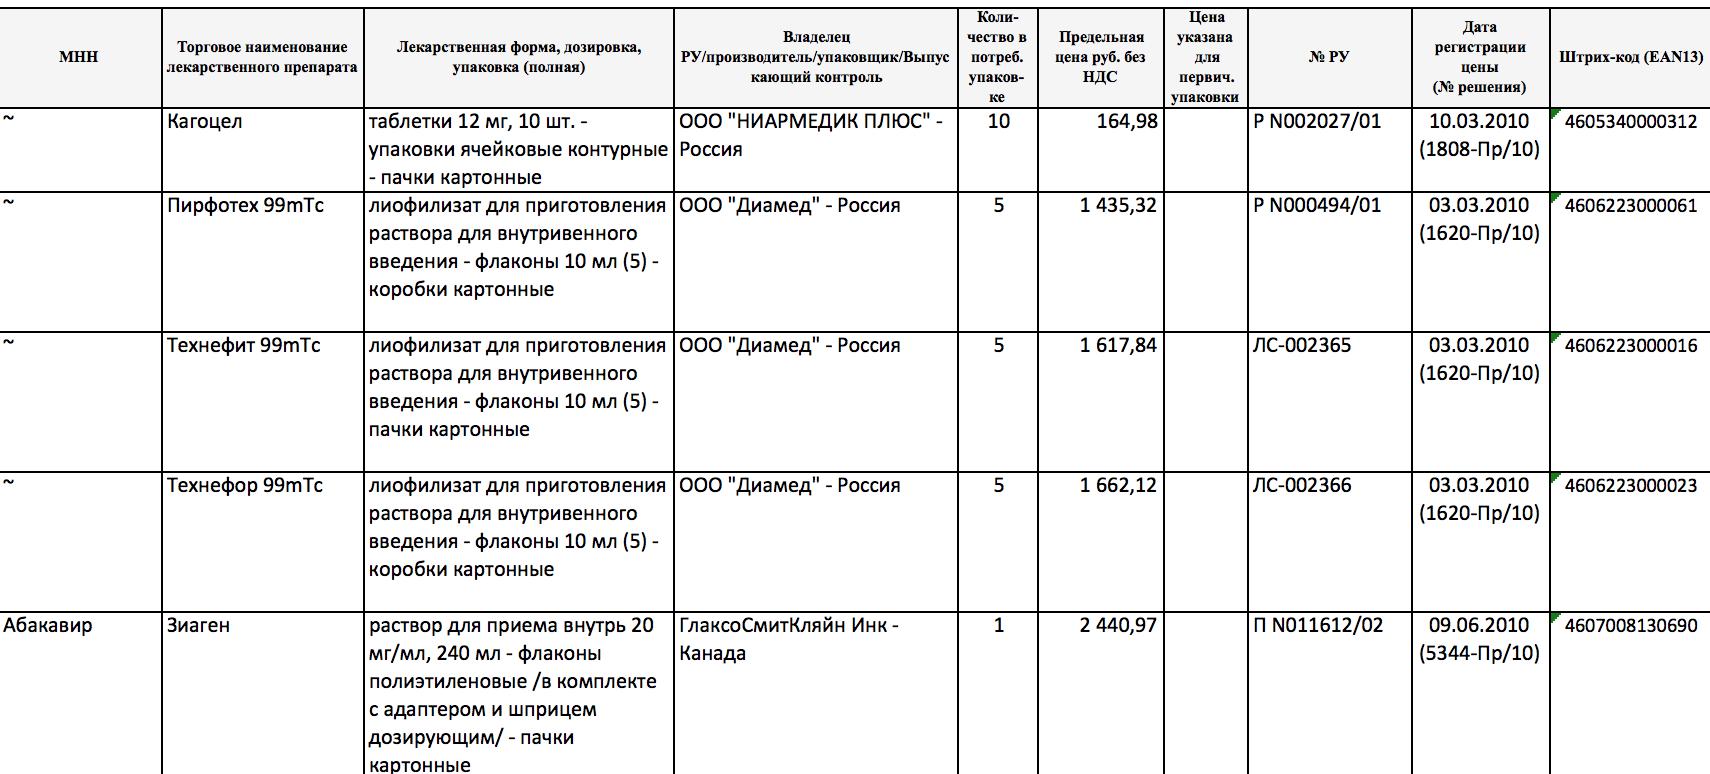 Шустрые Прокси Под Брут Wot рабочие прокси socks5 украины для брут dle Анонимные Для Брута Steam, Под Парсинг Статей